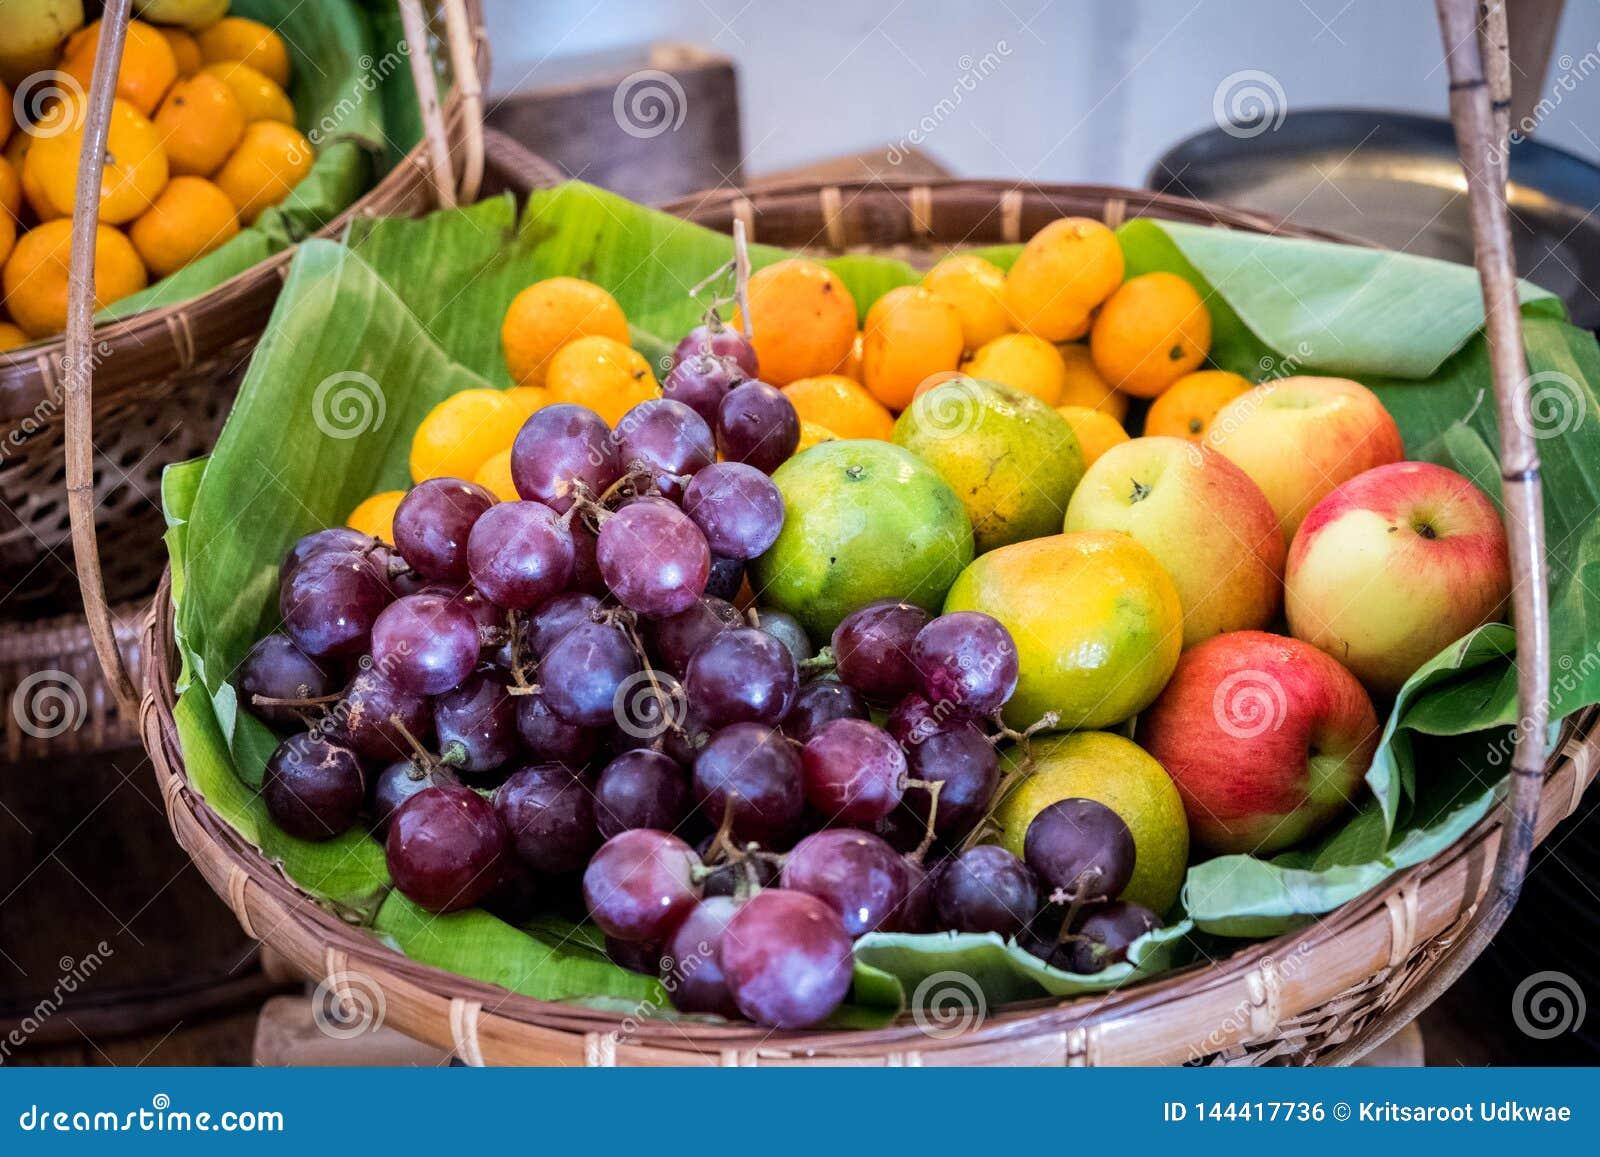 Beaucoup de fruits sur la feuille de banane dans le panier en bambou